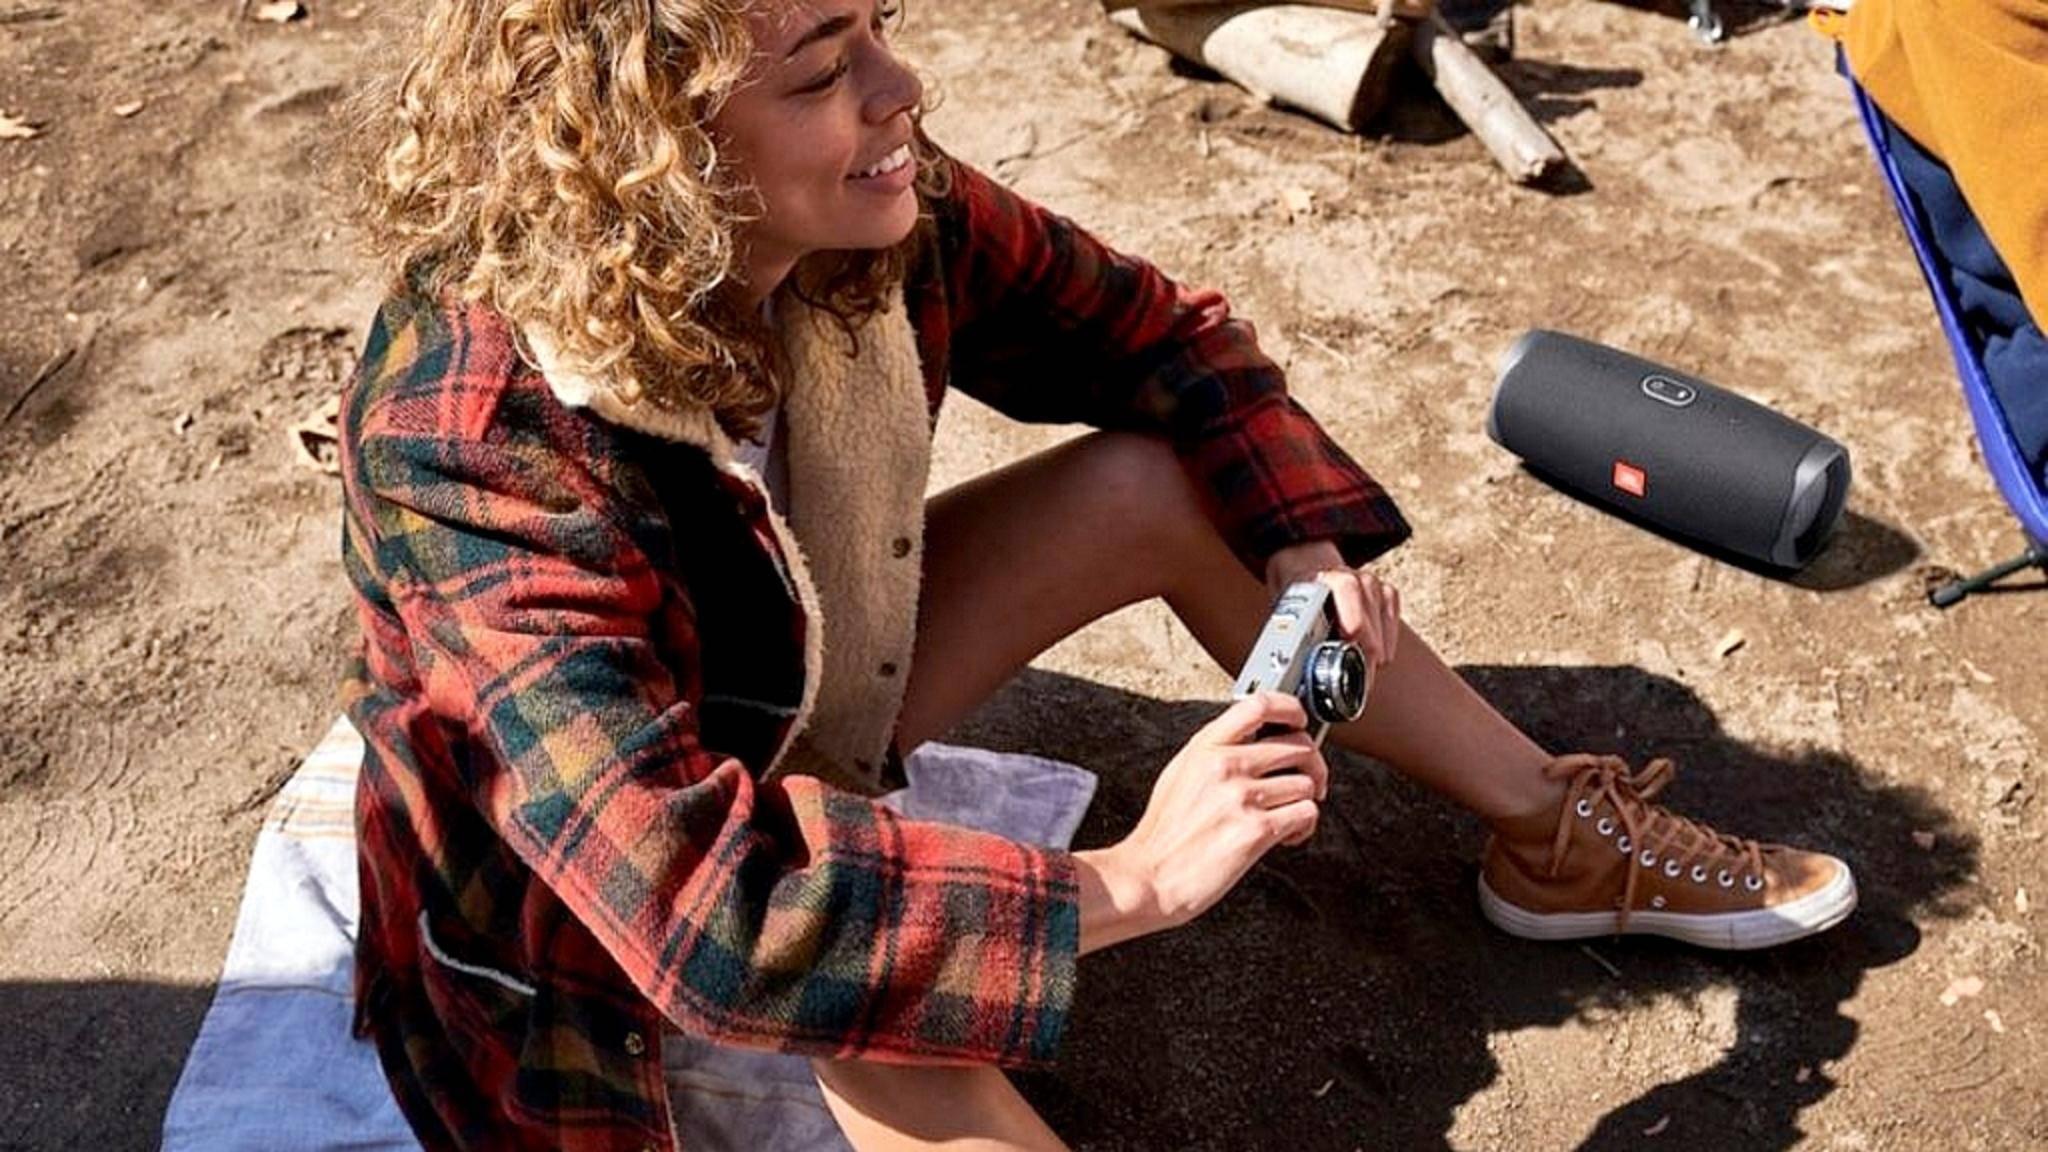 Mit diesen Bluetooth-Lautsprechern bist Du für den Outdoor-Musikgenuss gerüstet.